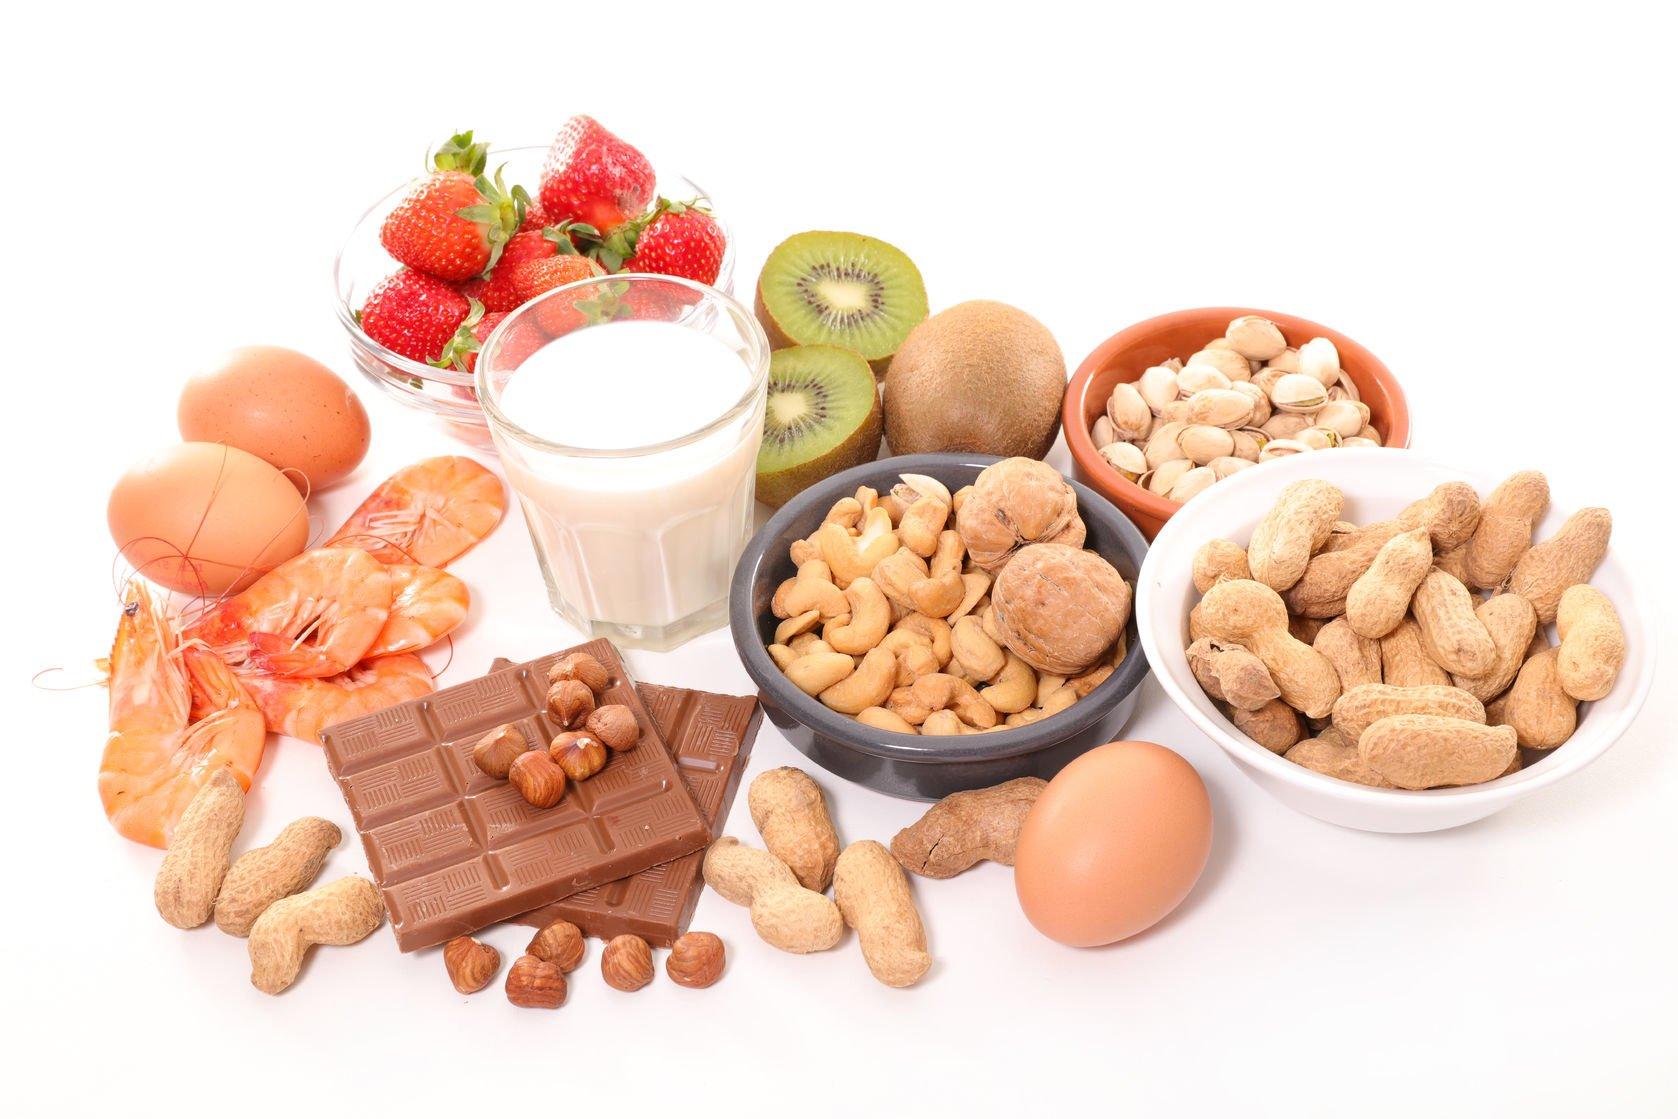 É possível prevenir as alergias alimentares?